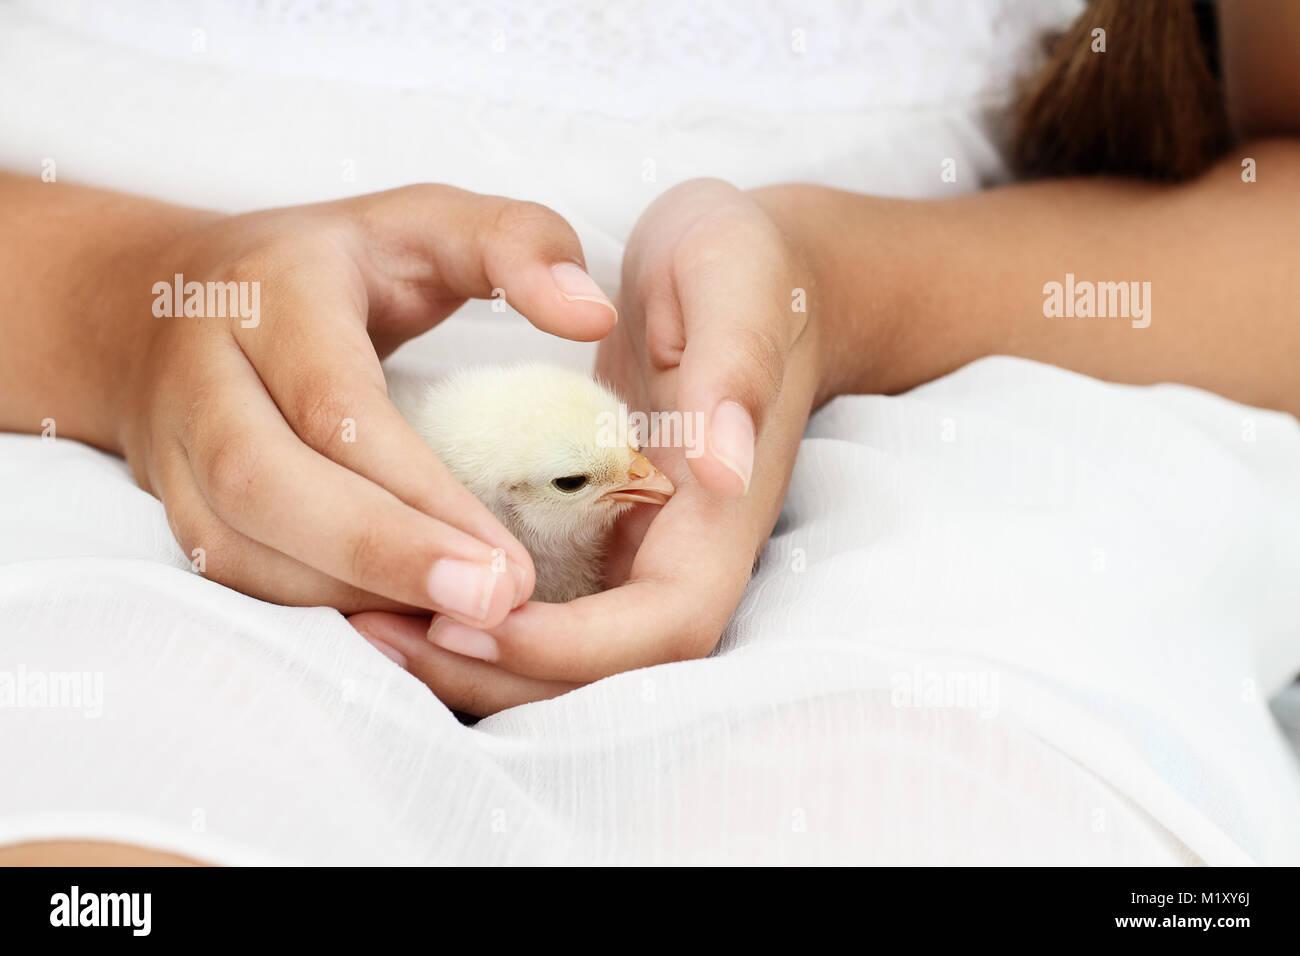 Niña sostiene un polluelo Brahma blanco que está a sólo días de antigüedad. Foto de stock